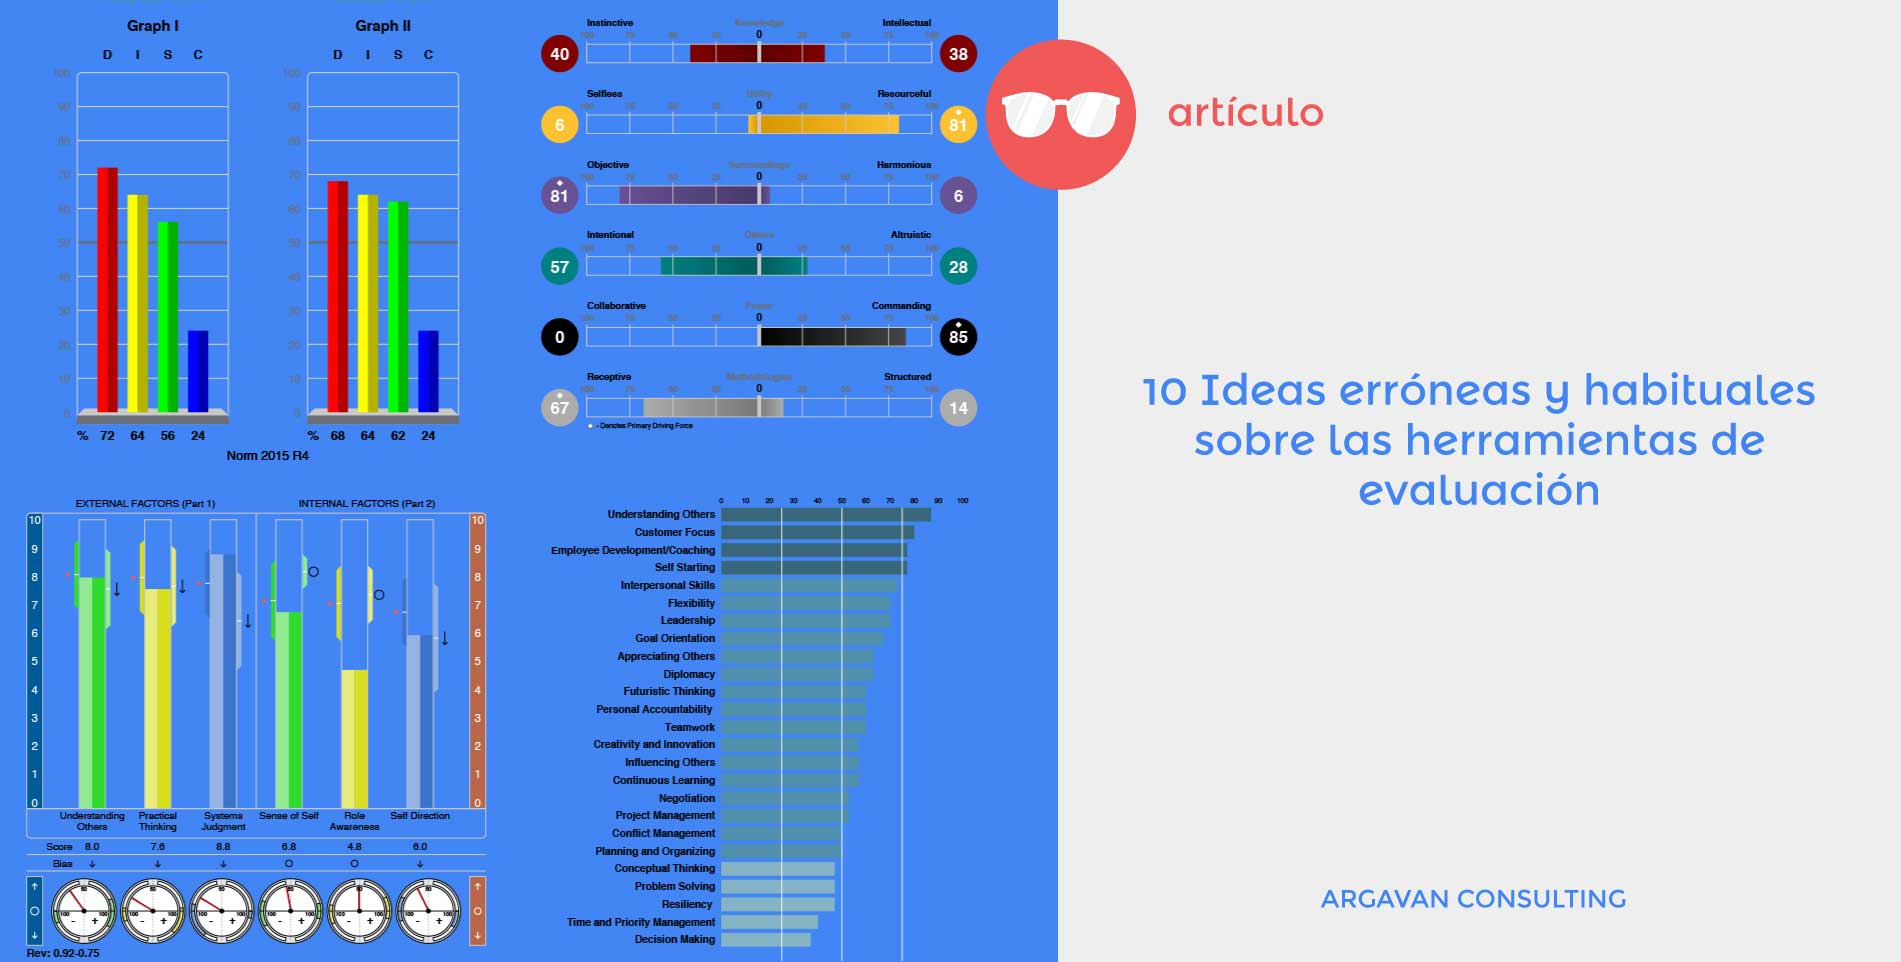 10 Ideas Erróneas sobre Herramientas de Evaluación